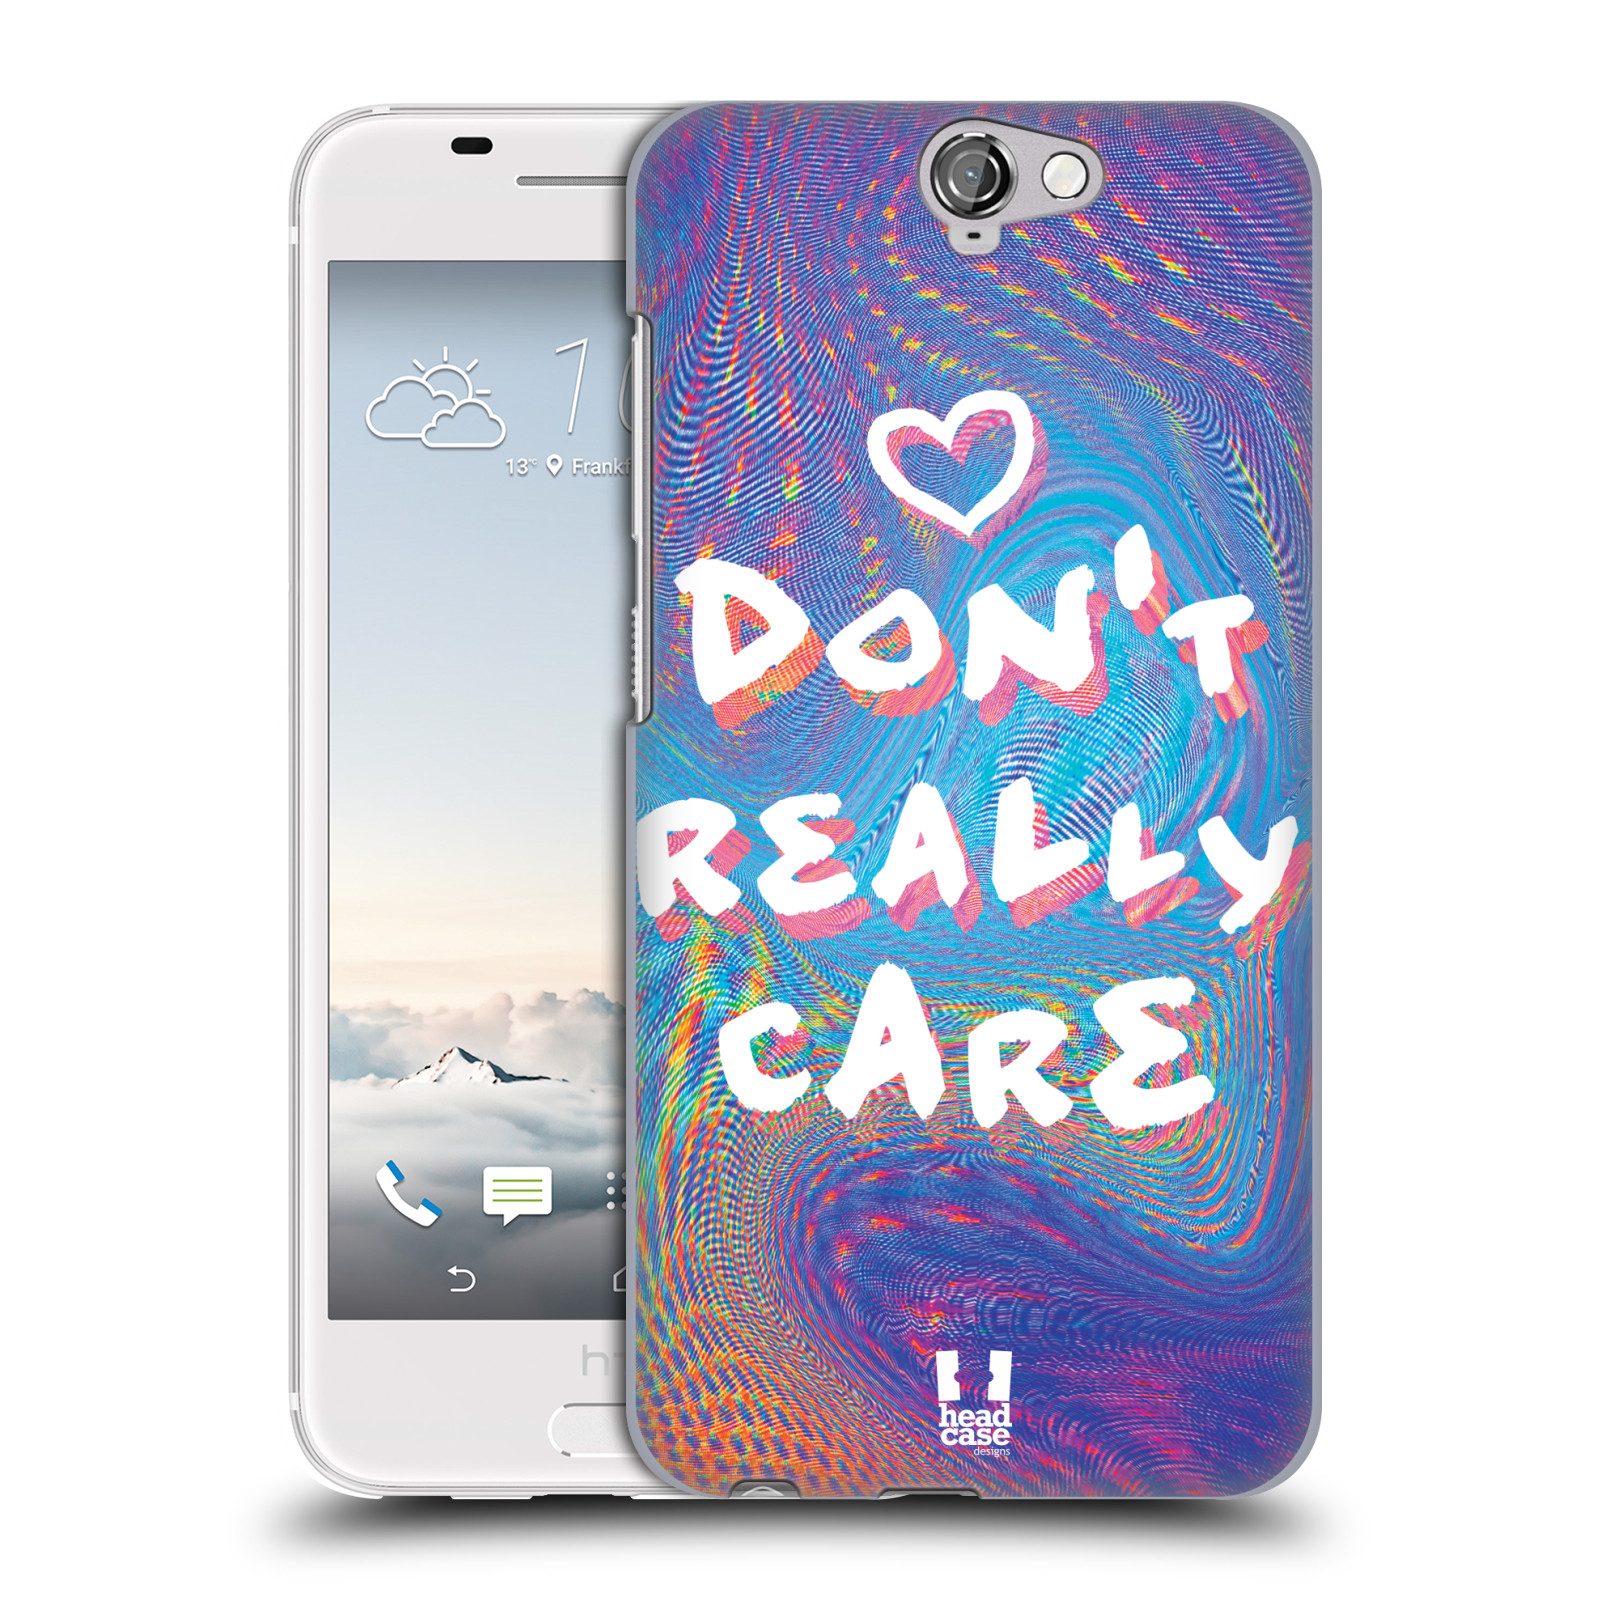 Plastové pouzdro na mobil HTC One A9 HEAD CASE HOLOGRAF DON'T CARE (Kryt či obal na mobilní telefon HTC One A9)